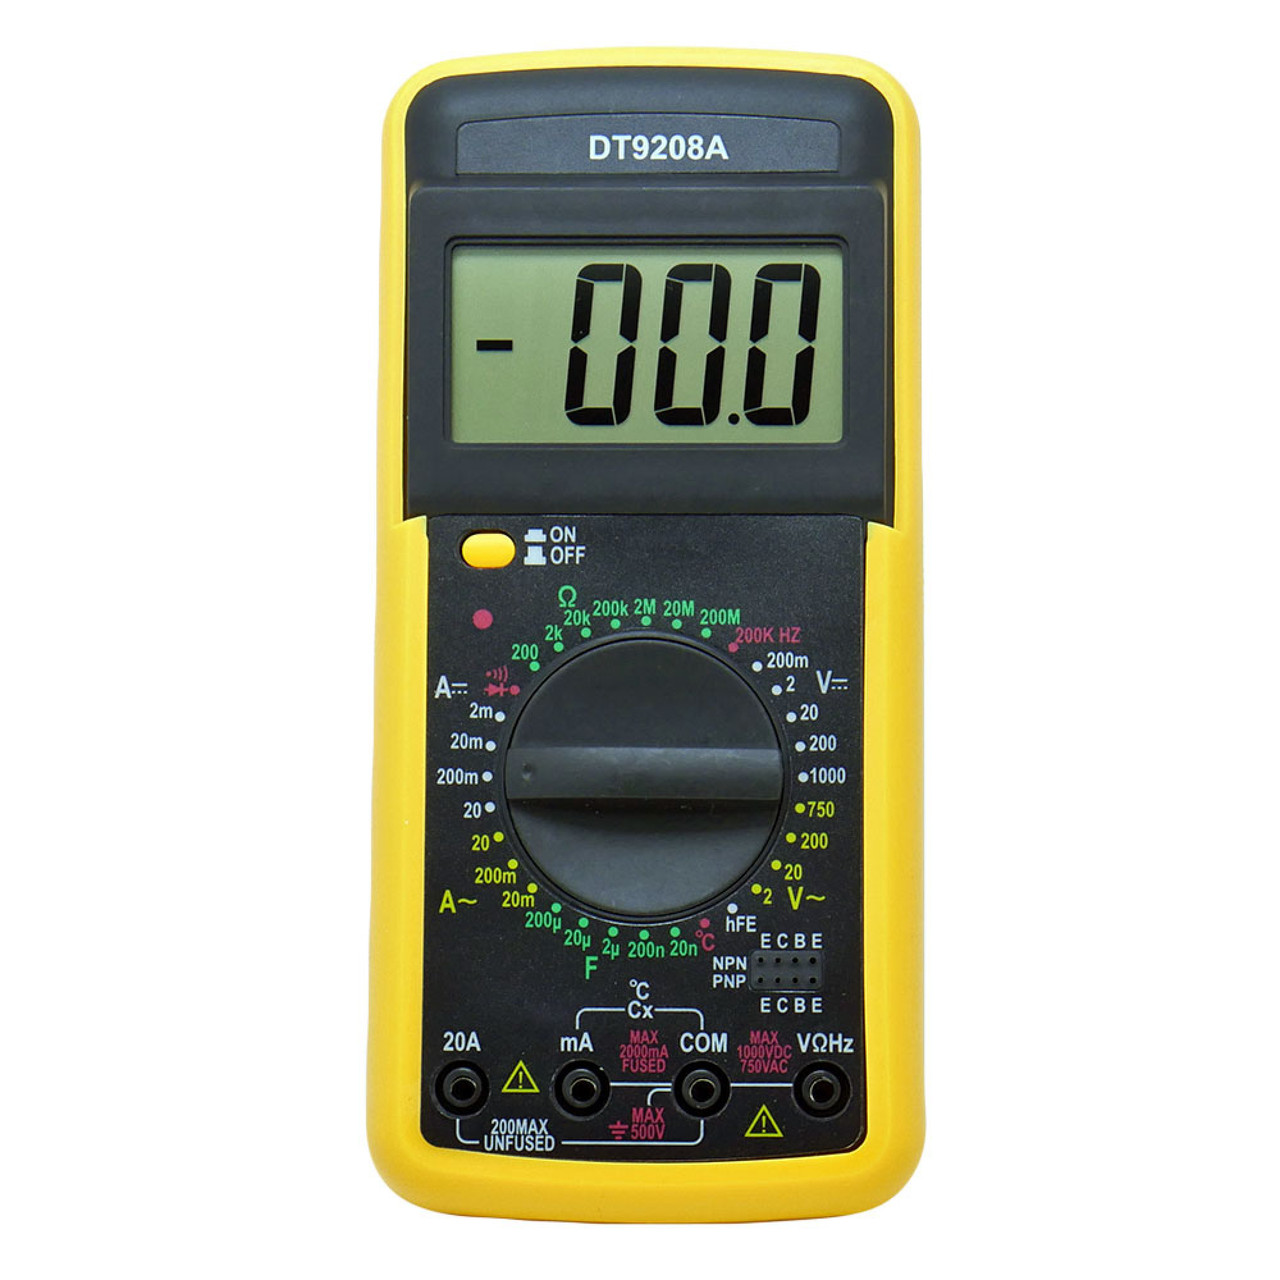 Мультиметр DT-9208A с измерением конденсаторов, температуры, частоты, силы тока